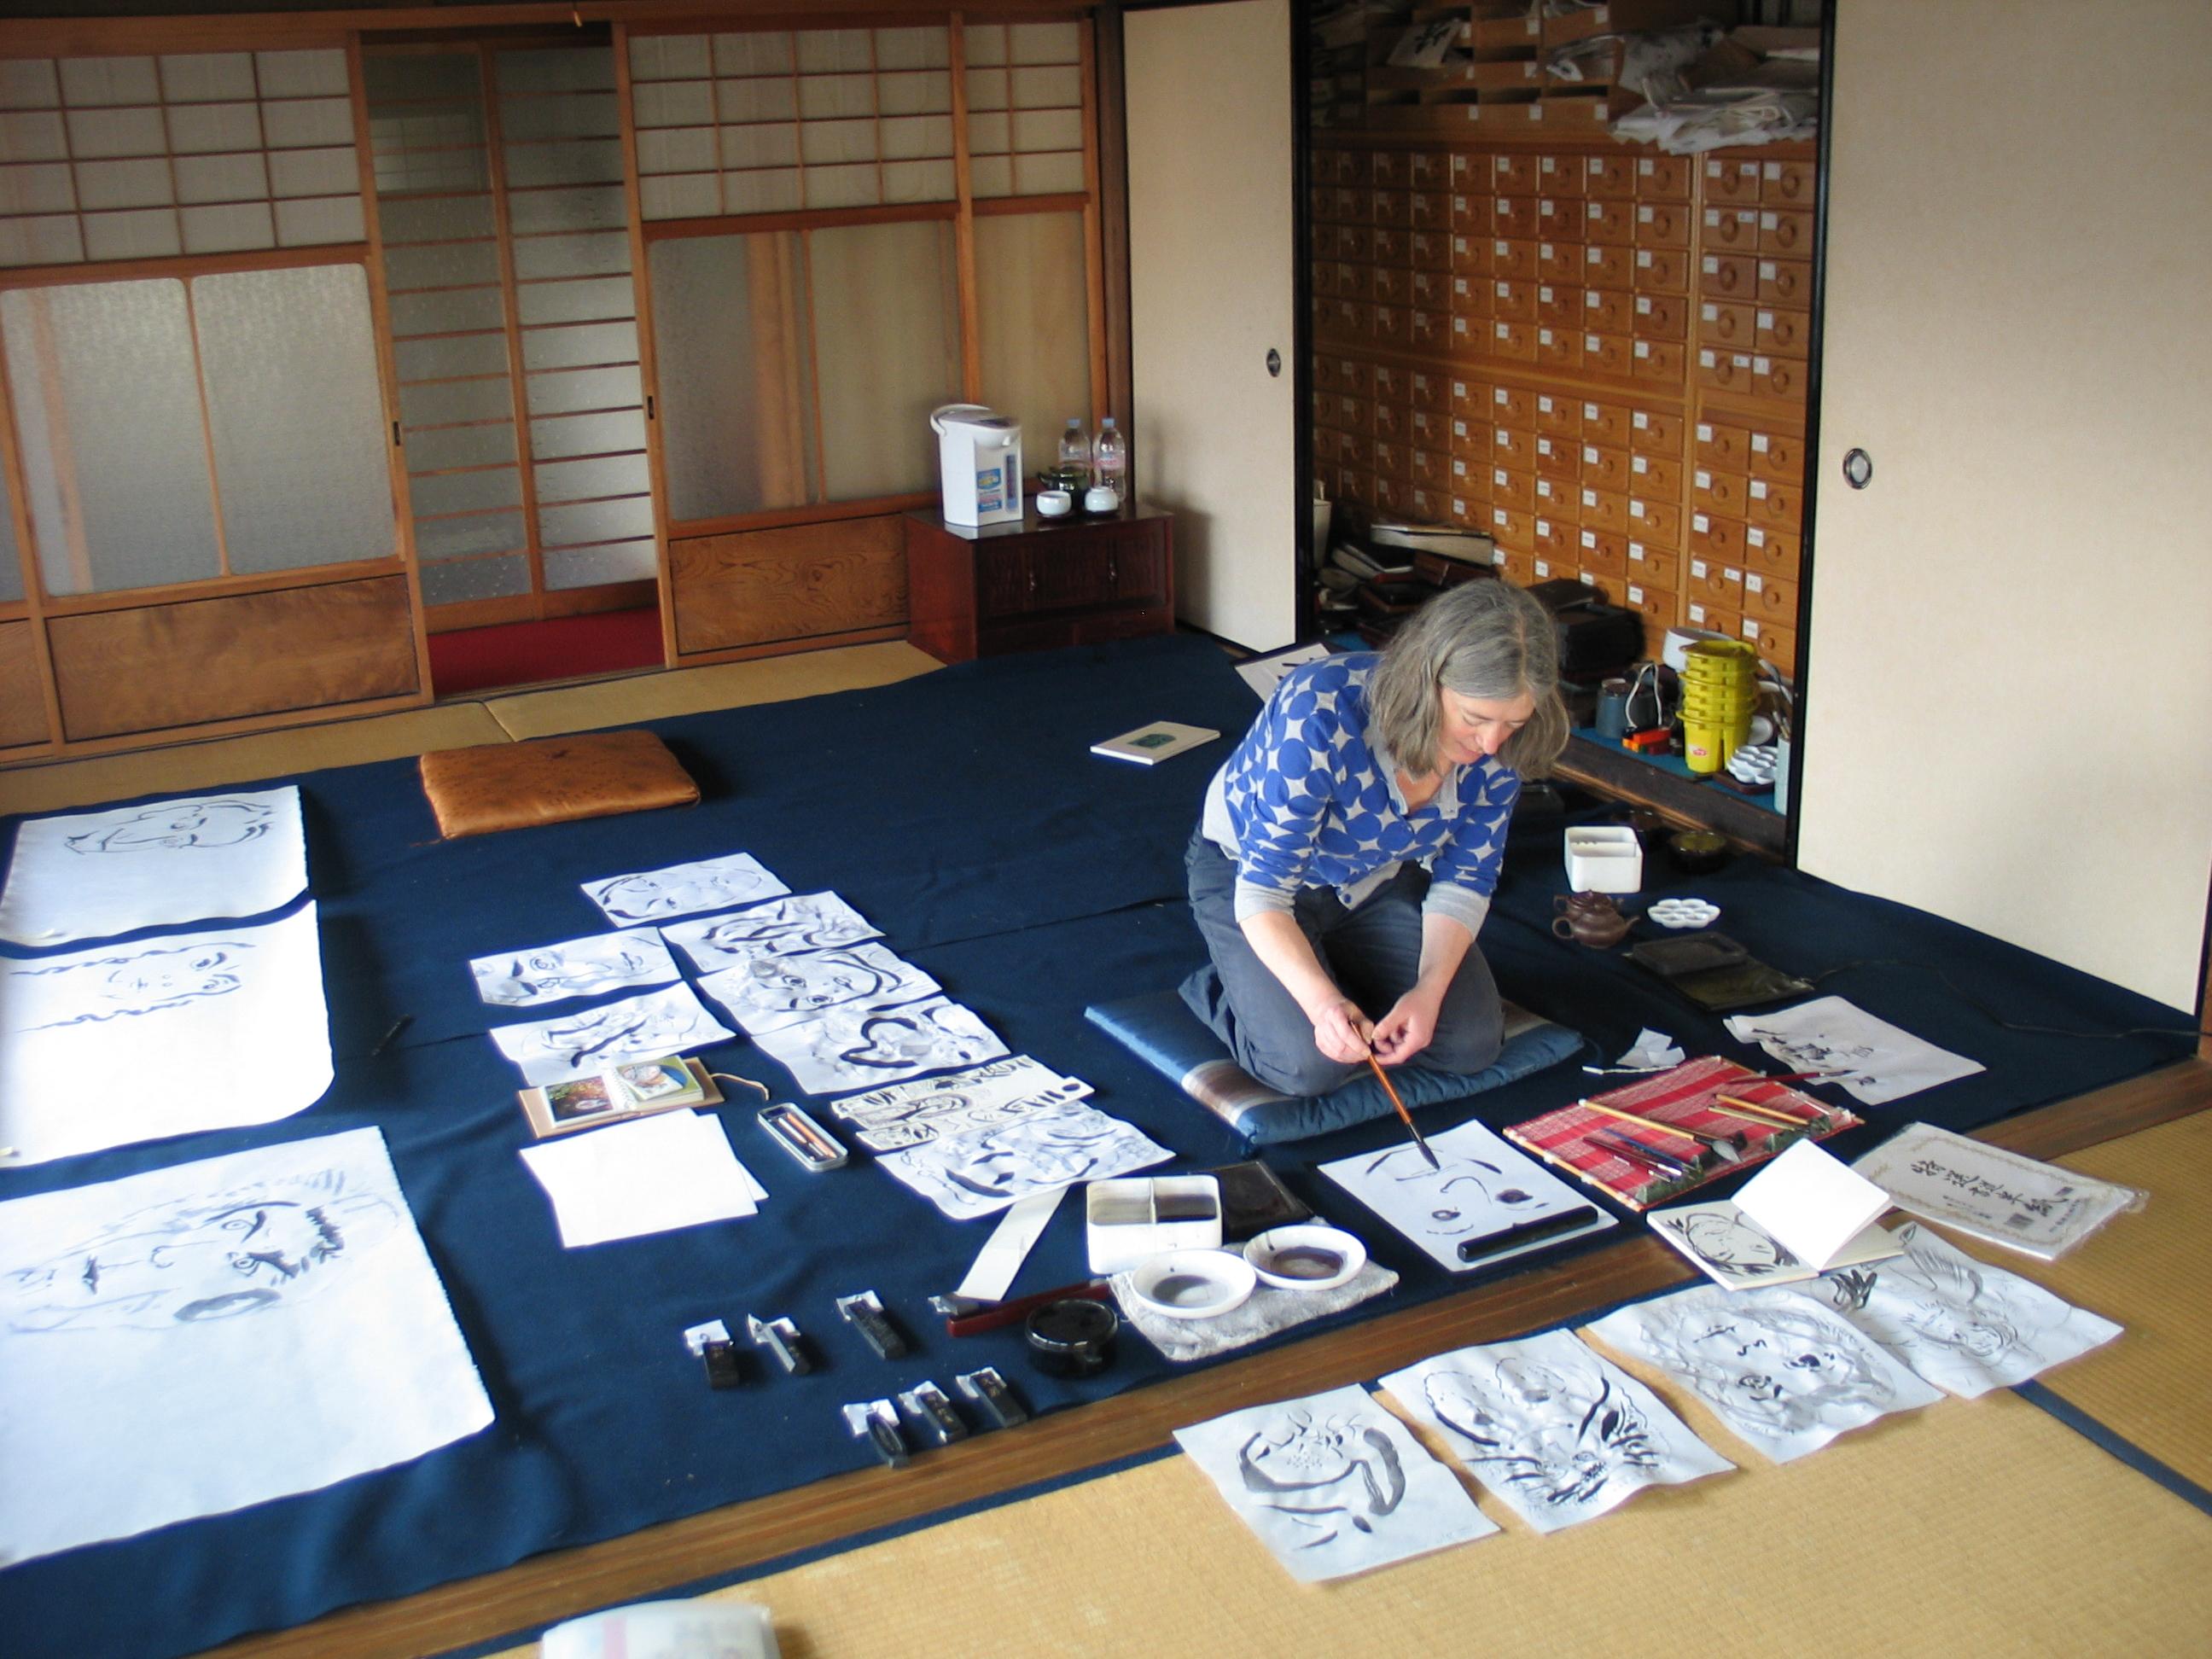 Tekenen met inkt in het atelier van inktfabriek Boku Undo, Nara, Japan, 23 februari 2010